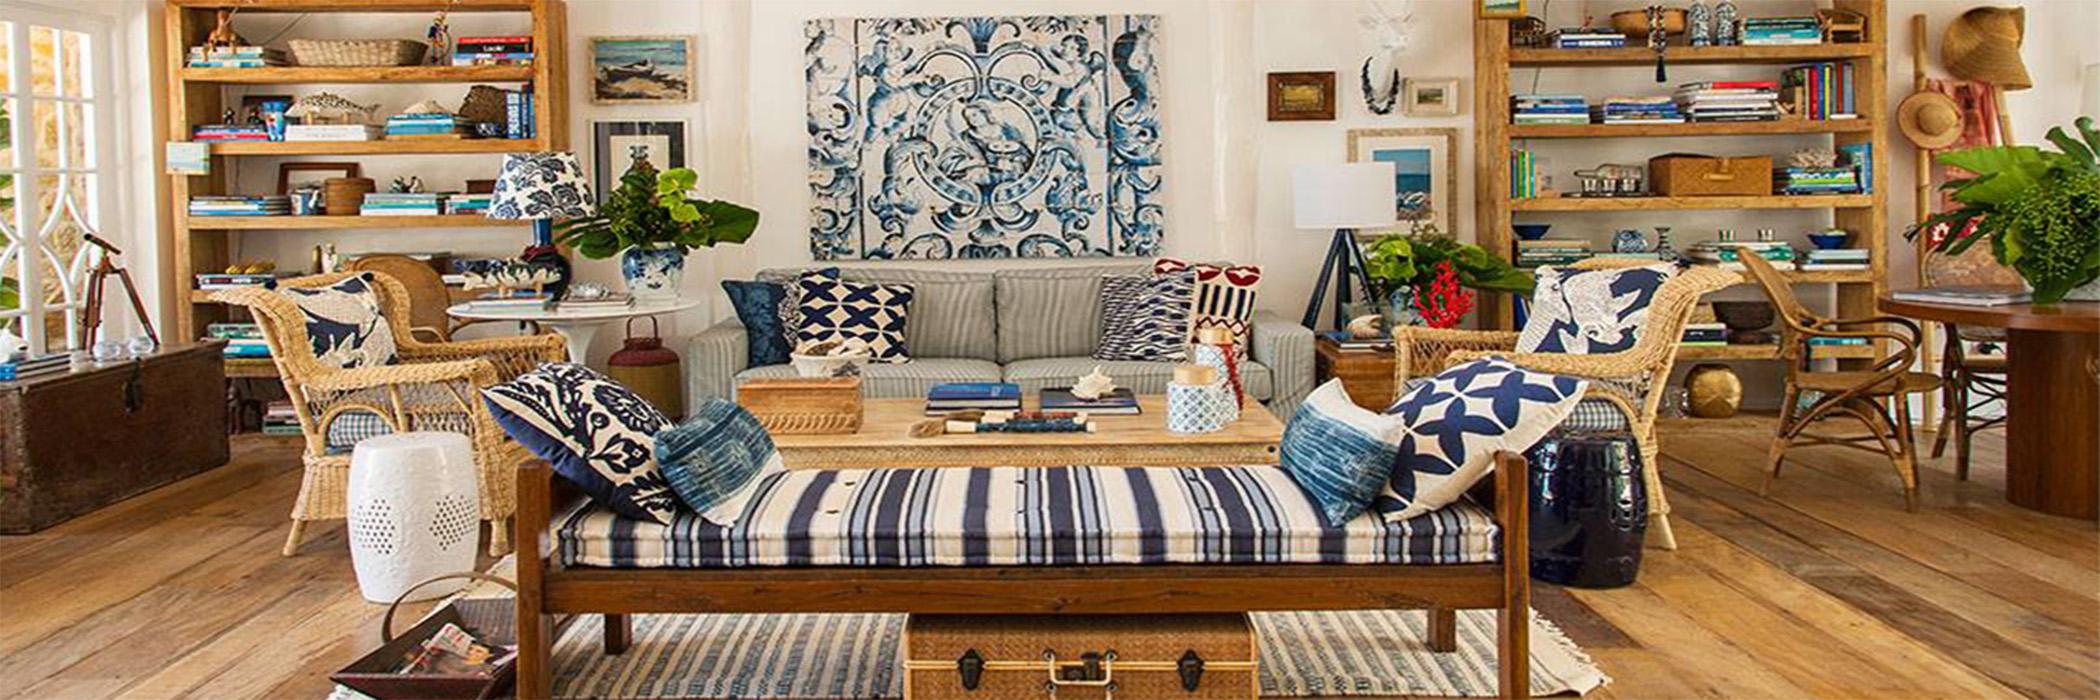 TW GUAIMBÊ EXCLUSIVE SUITES HOTEL = sofá de madeira azul e branco